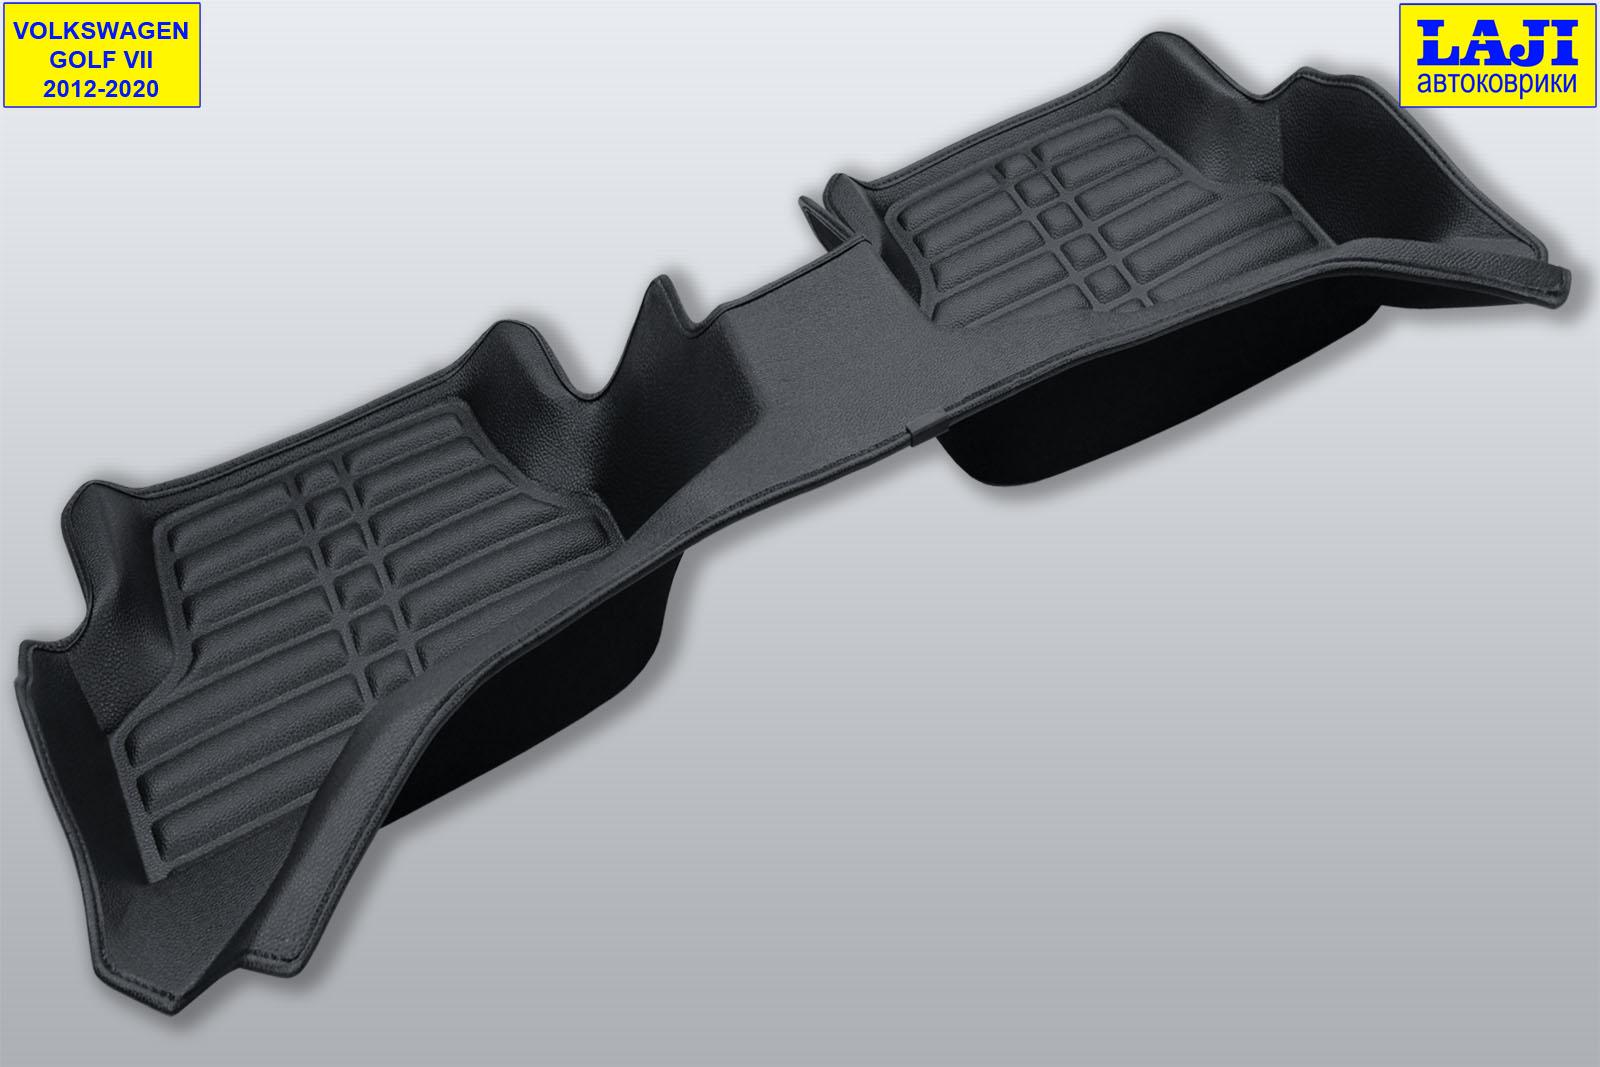 5D коврики в салон Volkswagen Golf 7 2012-2020 9